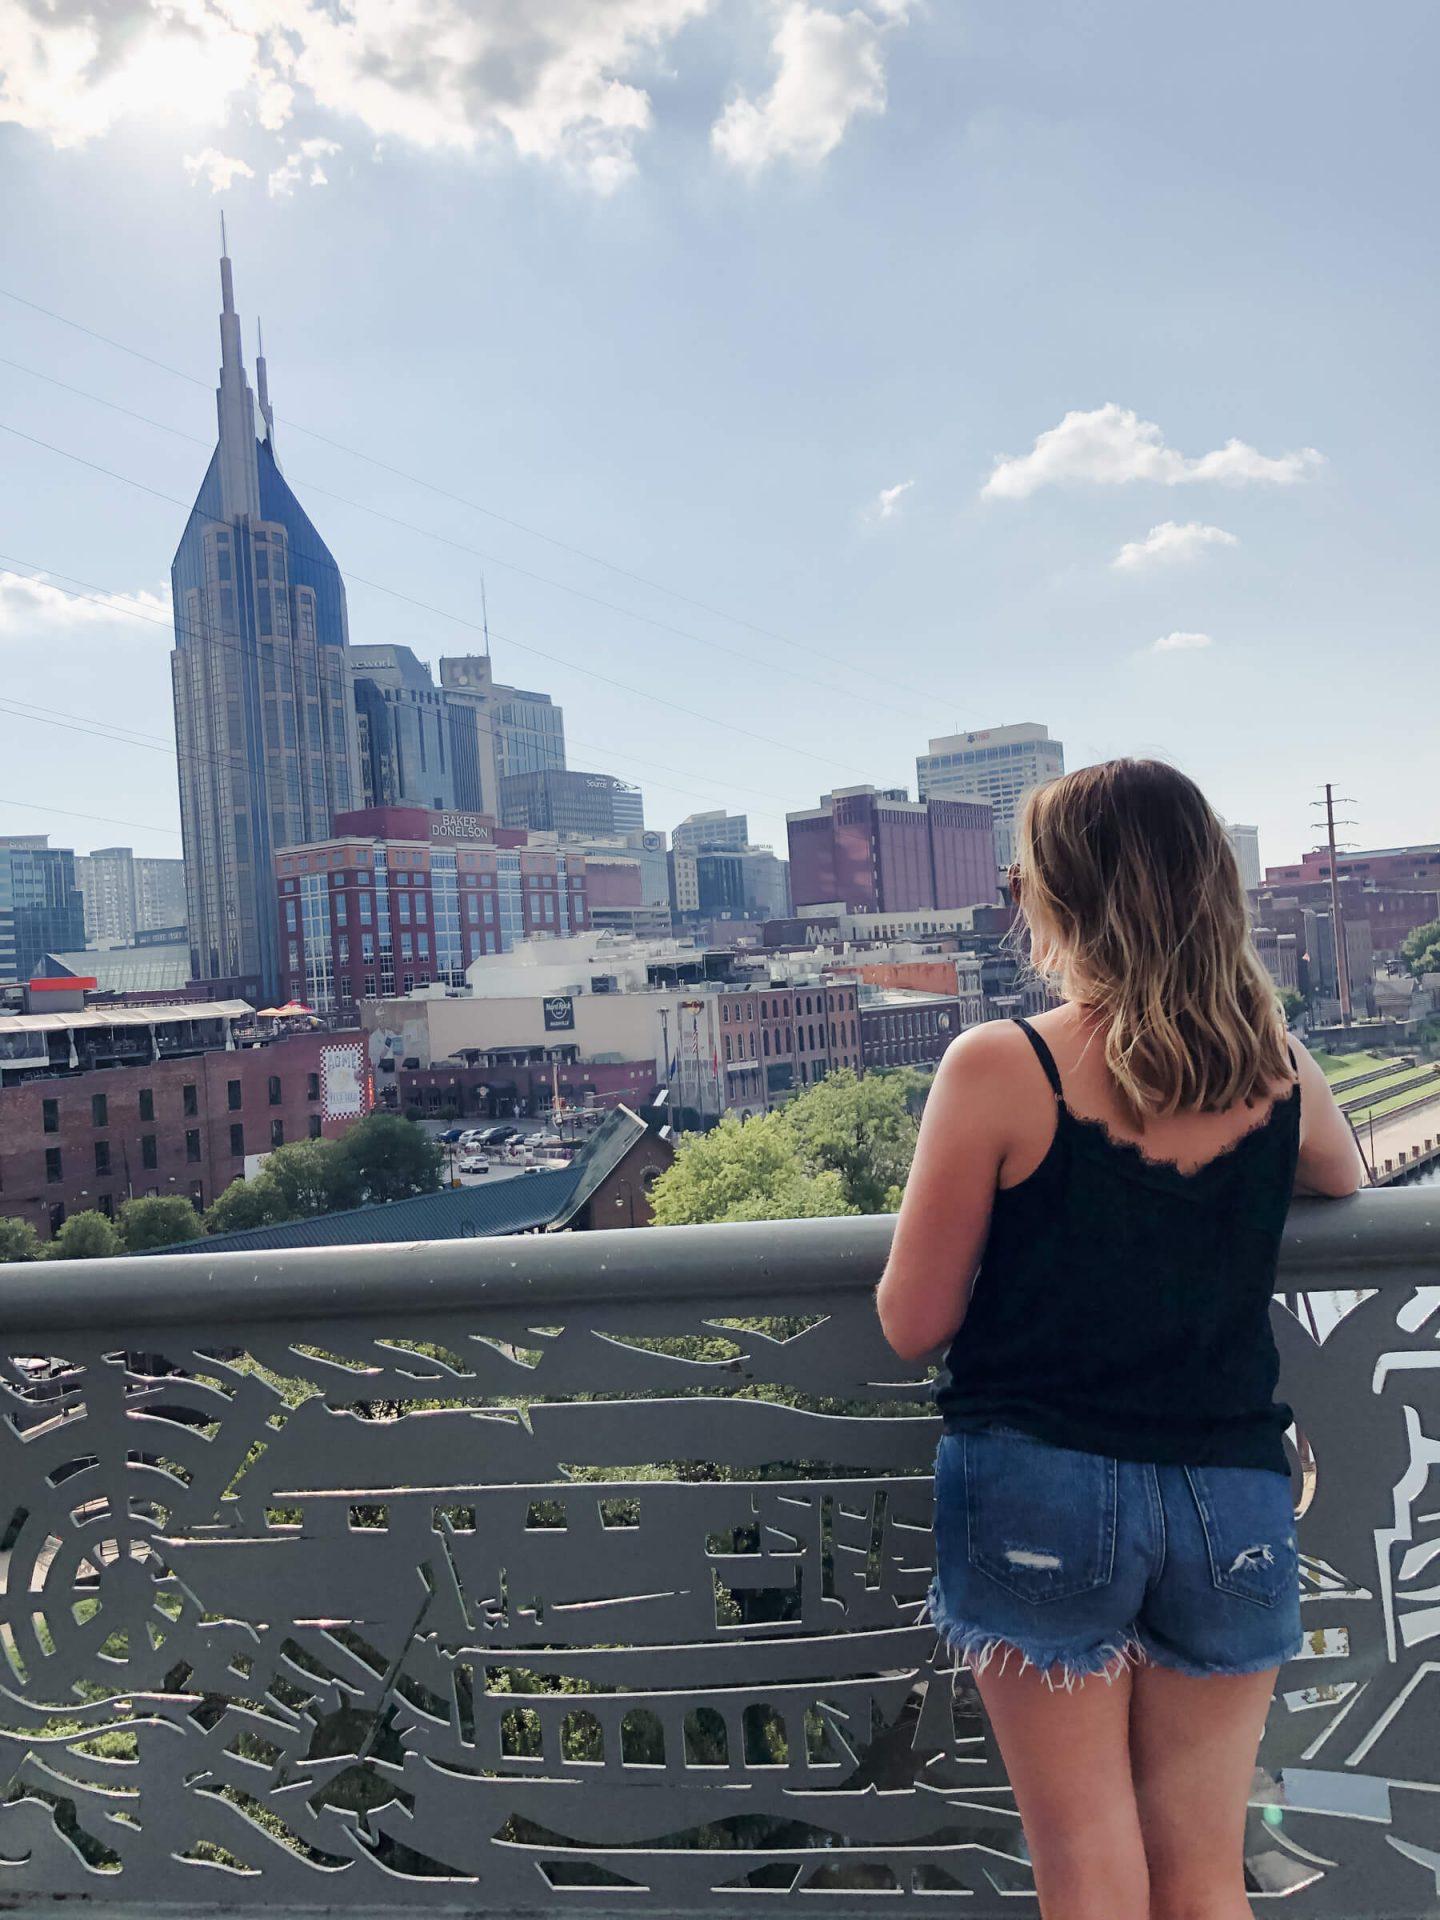 Sababok Nashville Pedestrianbridge 1440x1920